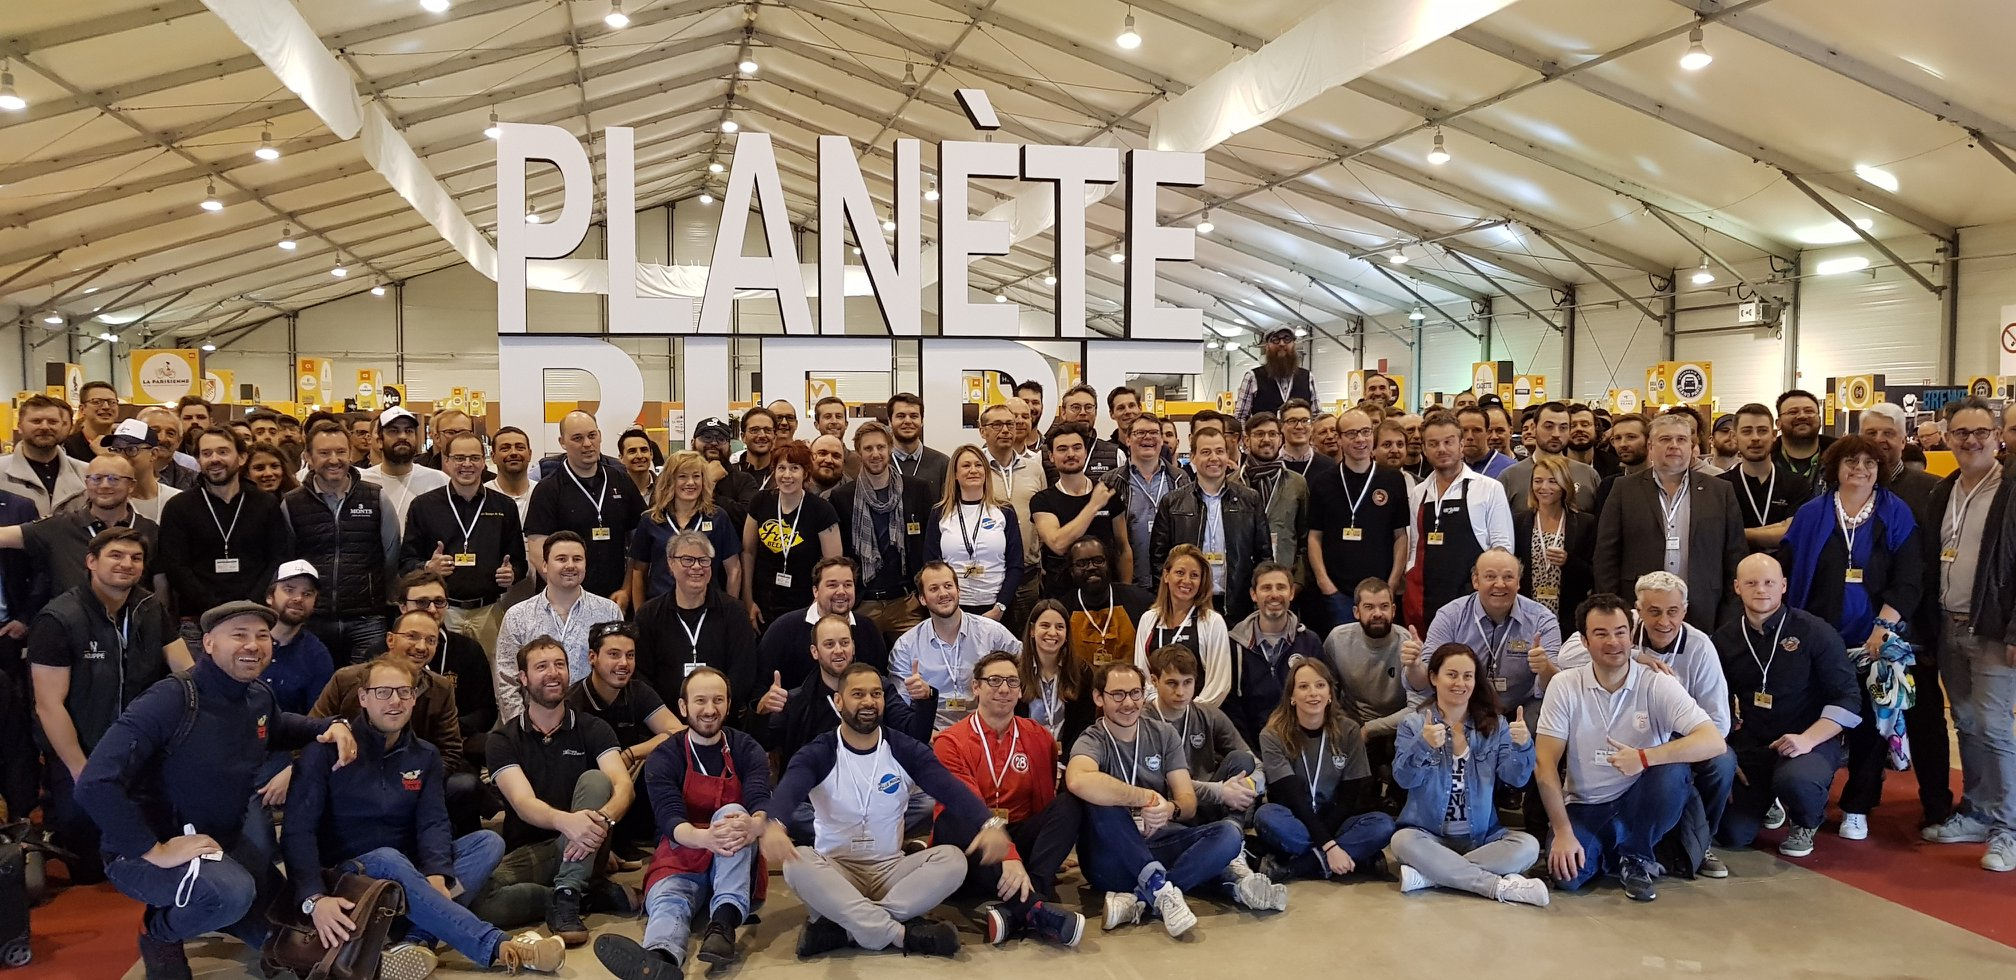 Les brasseurs et exposants de Planète Bière 2019 au Paris Event Center